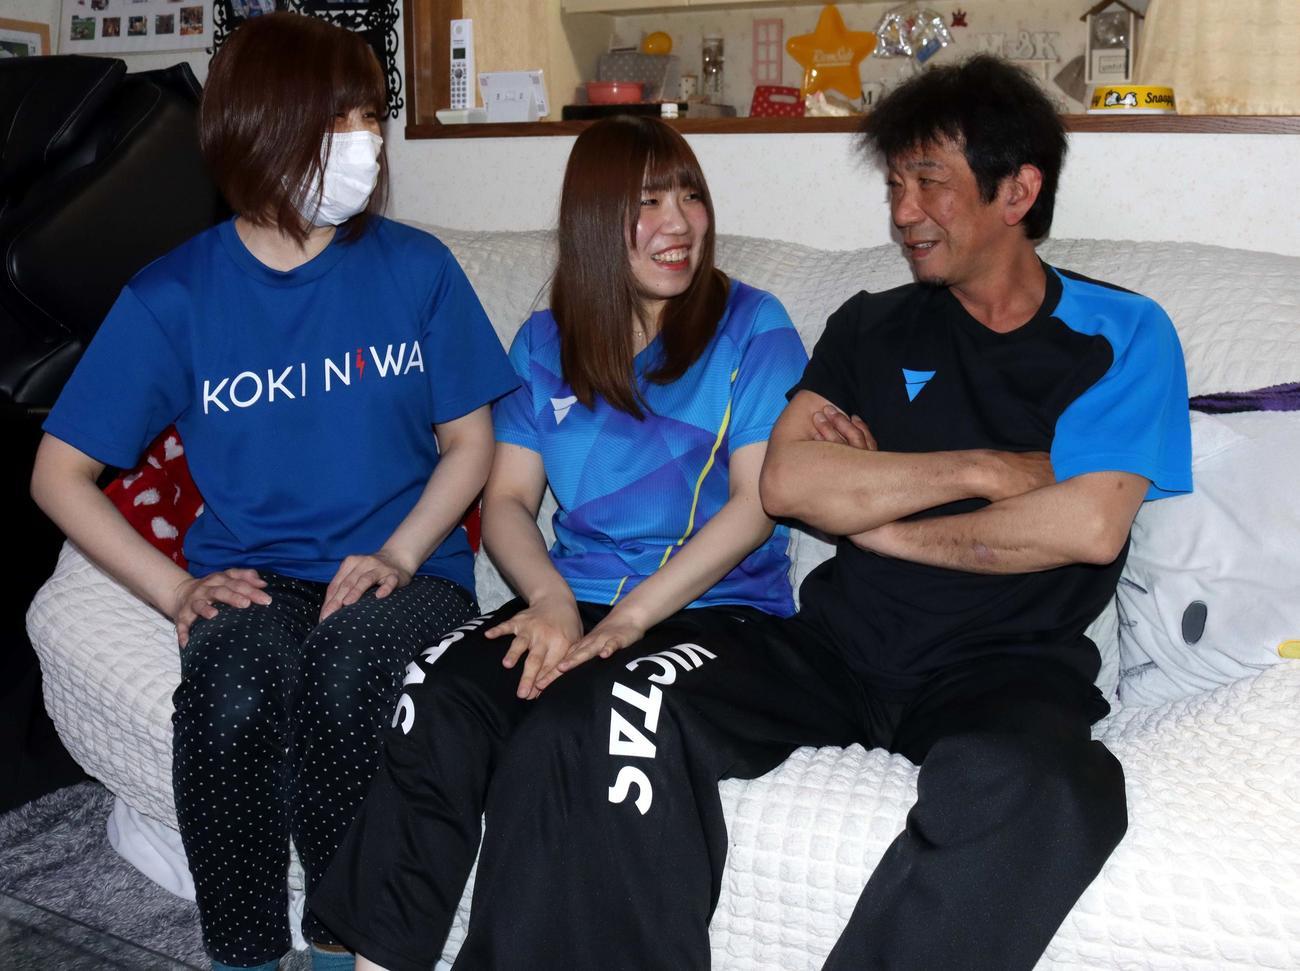 苫小牧市内の自宅で談笑する左から丹羽孝希の母美加さん、姉美里さん、父孝司さん(撮影・永野高輔)